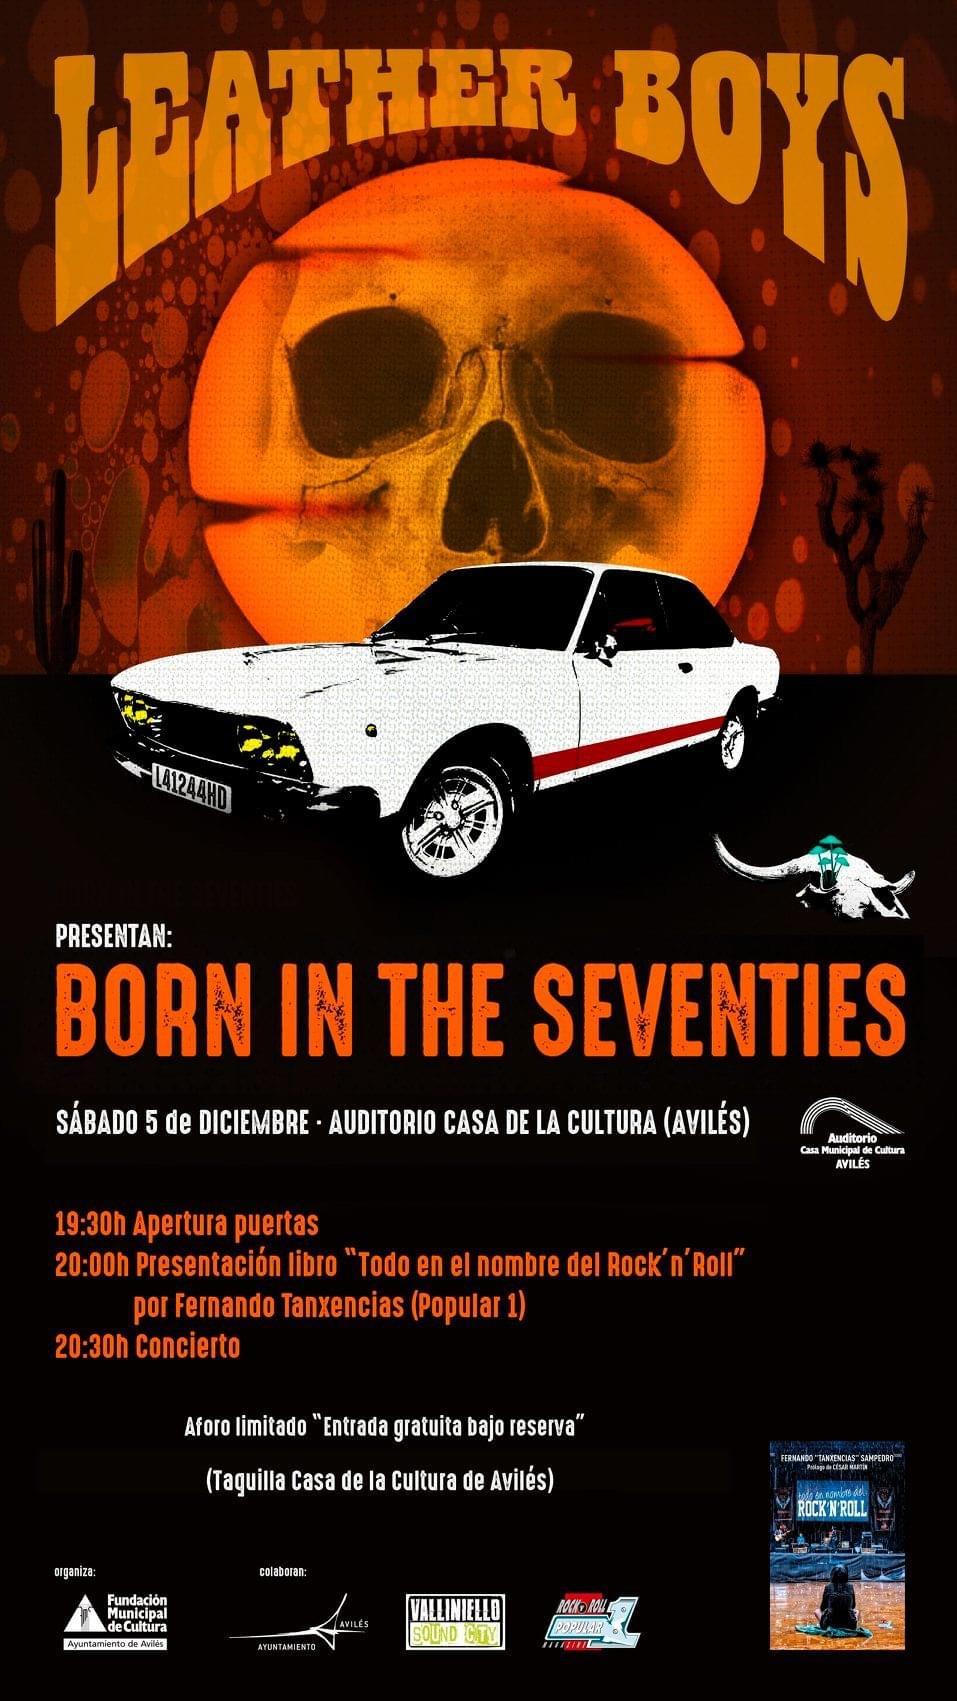 """Leather Boys nuevo disco """"Born in the 70's""""(YA A LA VENTA). Presentación oficial en directo 28 marzo Avilés (Asturias) y 3 Julio Sala Son Cangas (Galicia). B7270810"""